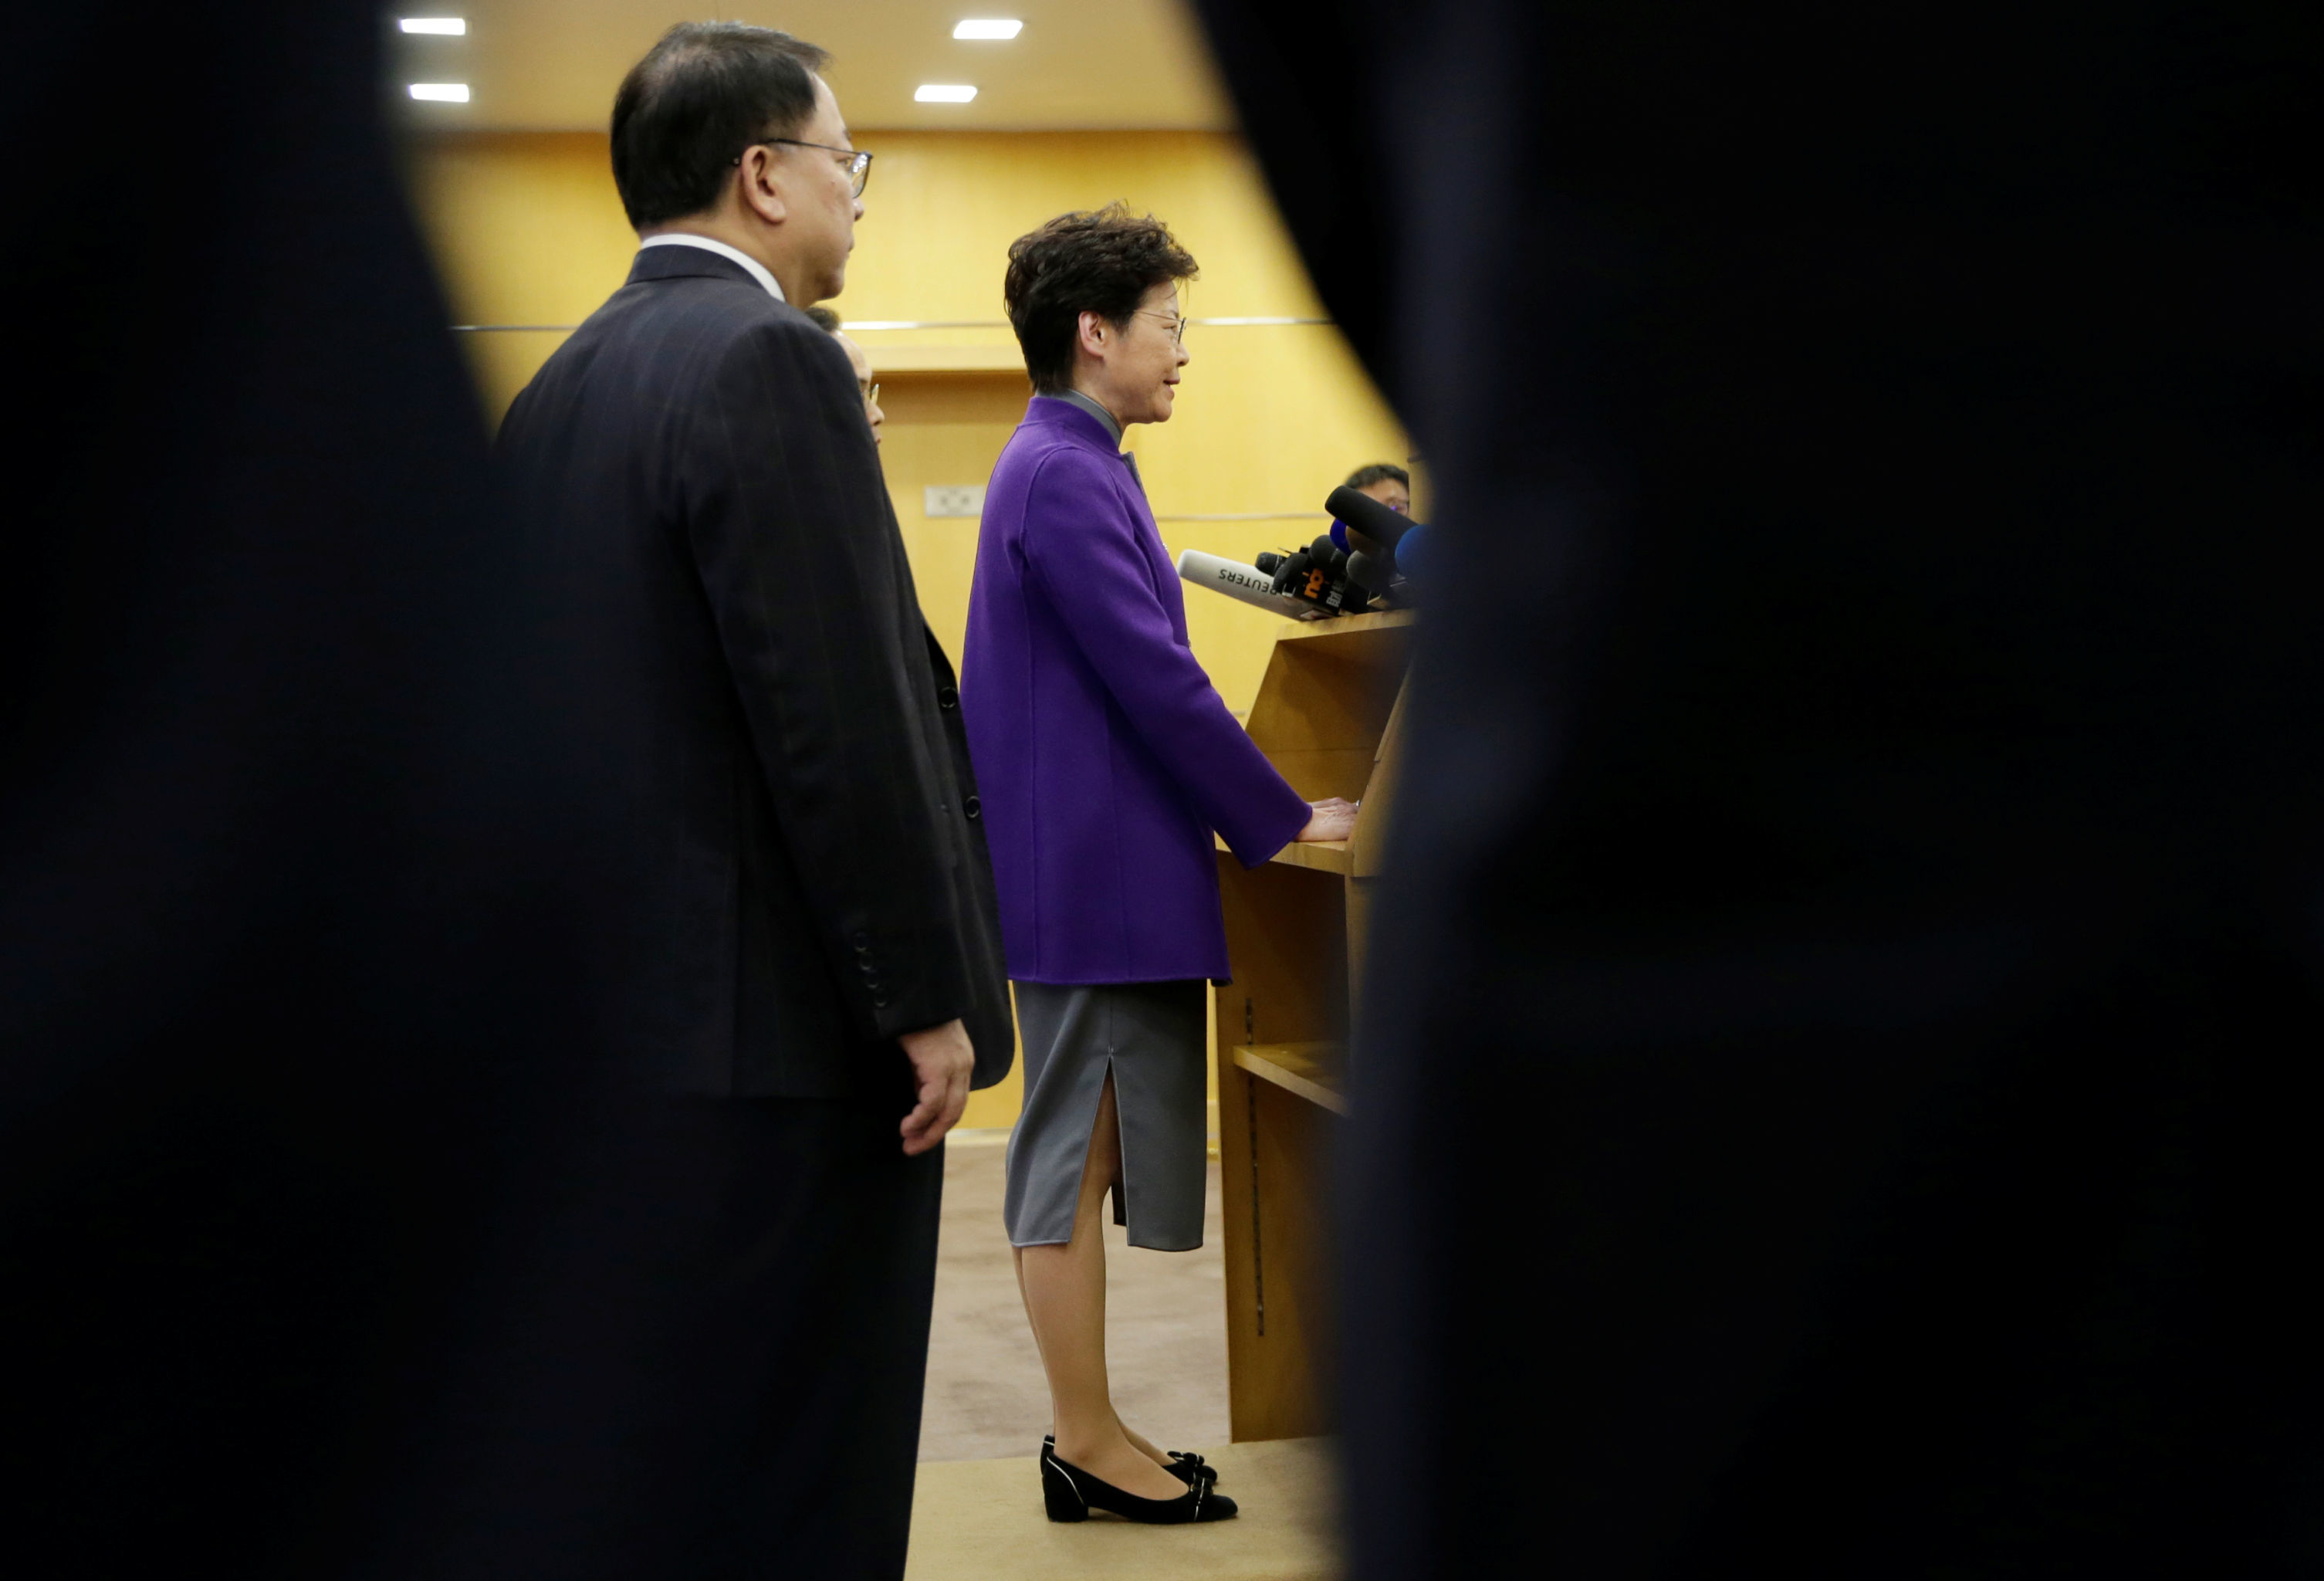 A chefe do executivo da região administrativa de Hong Kong, Carrie Lam, durante conferência de imprensa em Pequim, no dia 6 de novembro de 2019